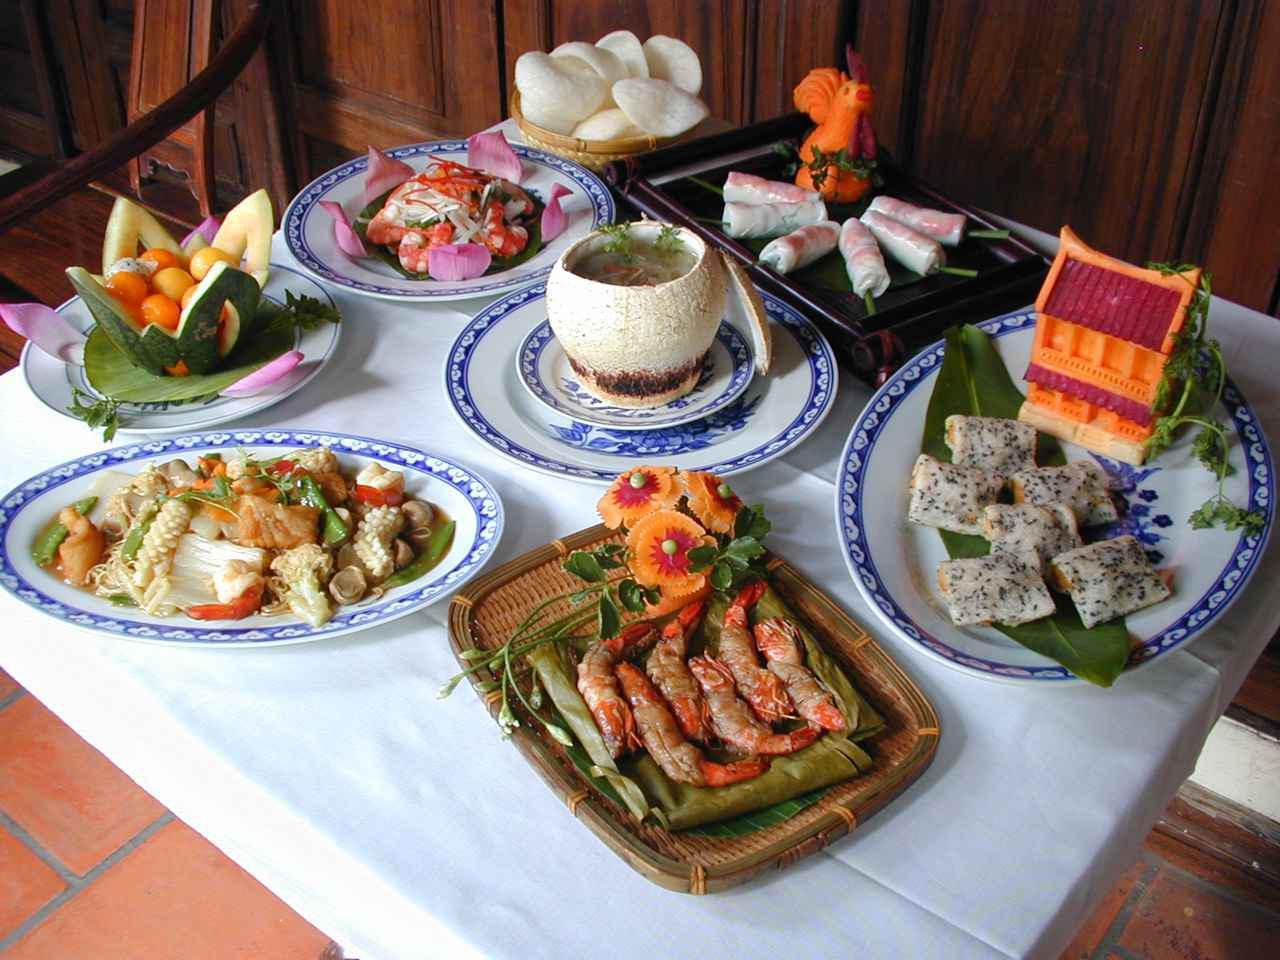 画像: 【ベトナム】絶対に食べたい!美食の国の本場ベトナム料理をご紹介 - クラブログ ~スタッフブログ~ クラブツーリズム